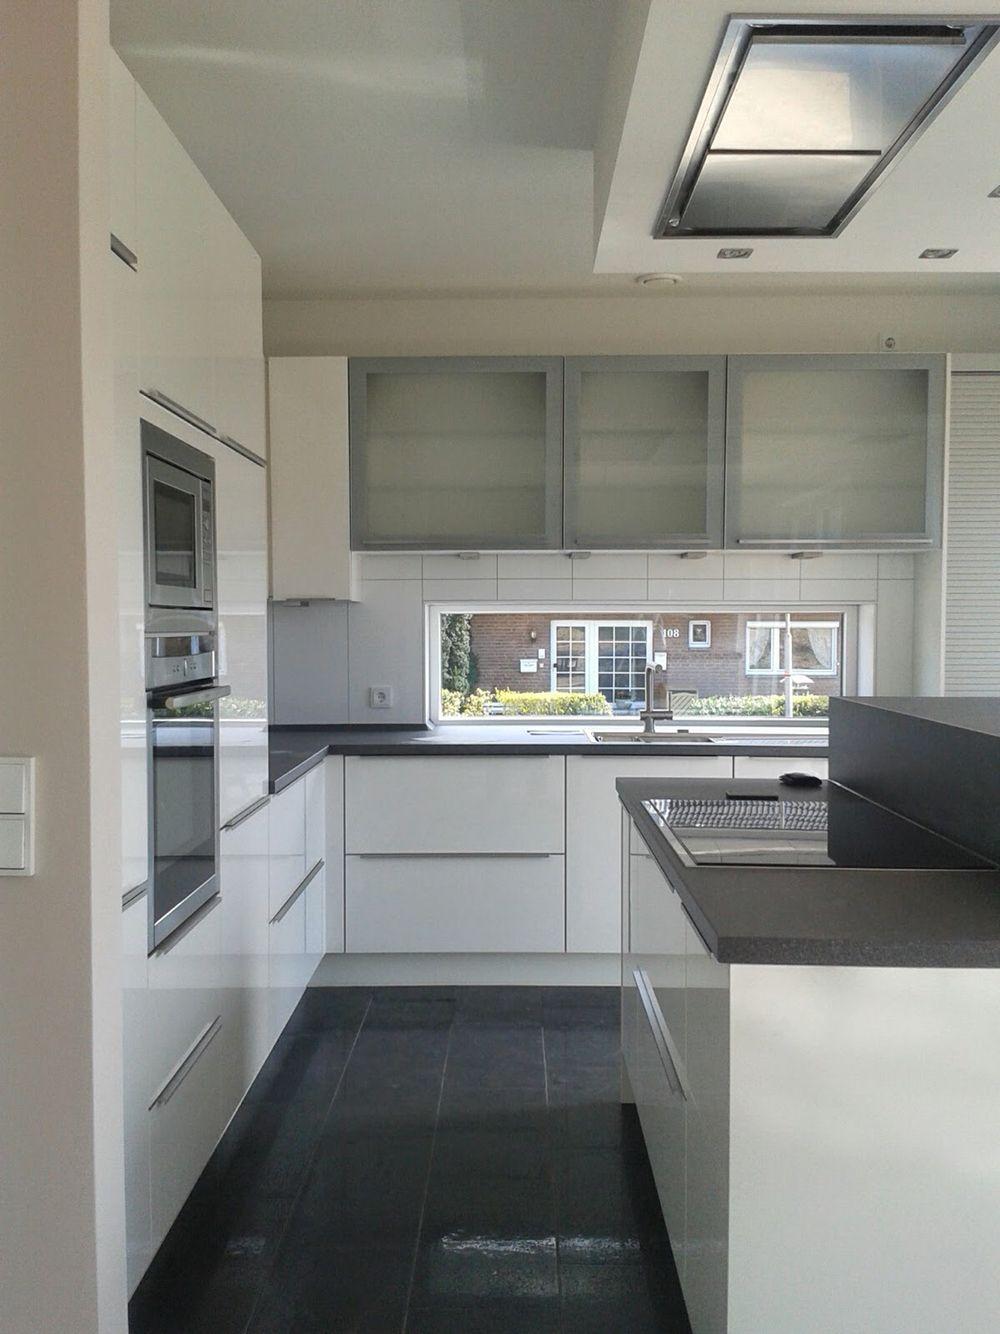 Kücheninsel Expedit ~ Über 1 000 ideen zu u201egraue kücheninsel auf pinterest graue küchen, graue küchen und kochinseln u201c